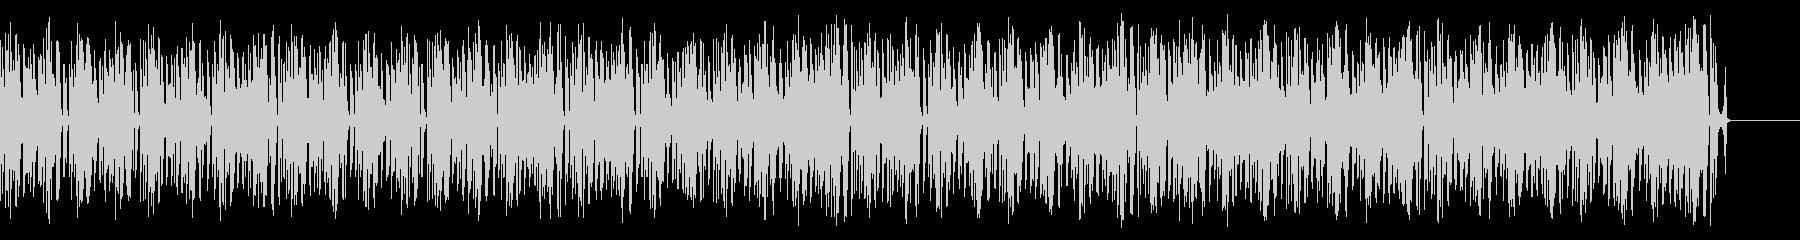 EDM クールな曲ですの未再生の波形